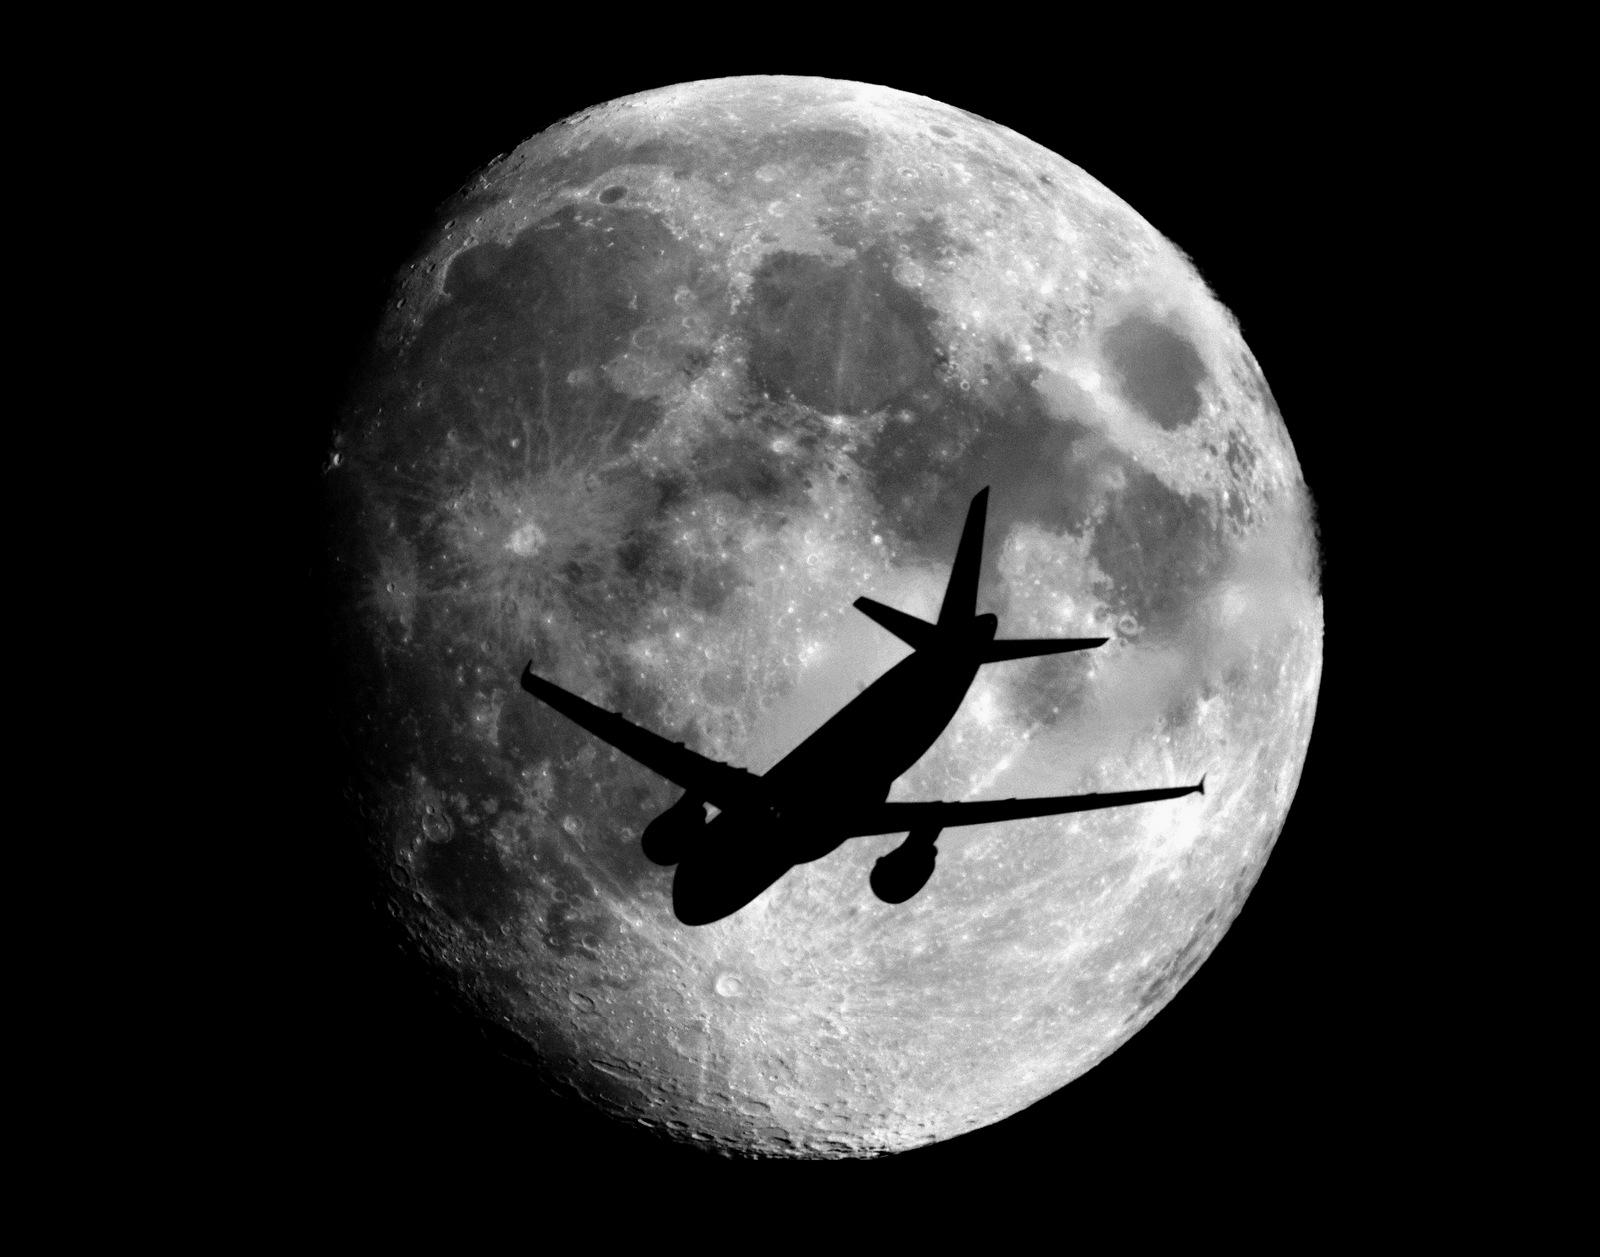 9 στοιχεία που δε γνωρίζουμε για το φεγγάρι